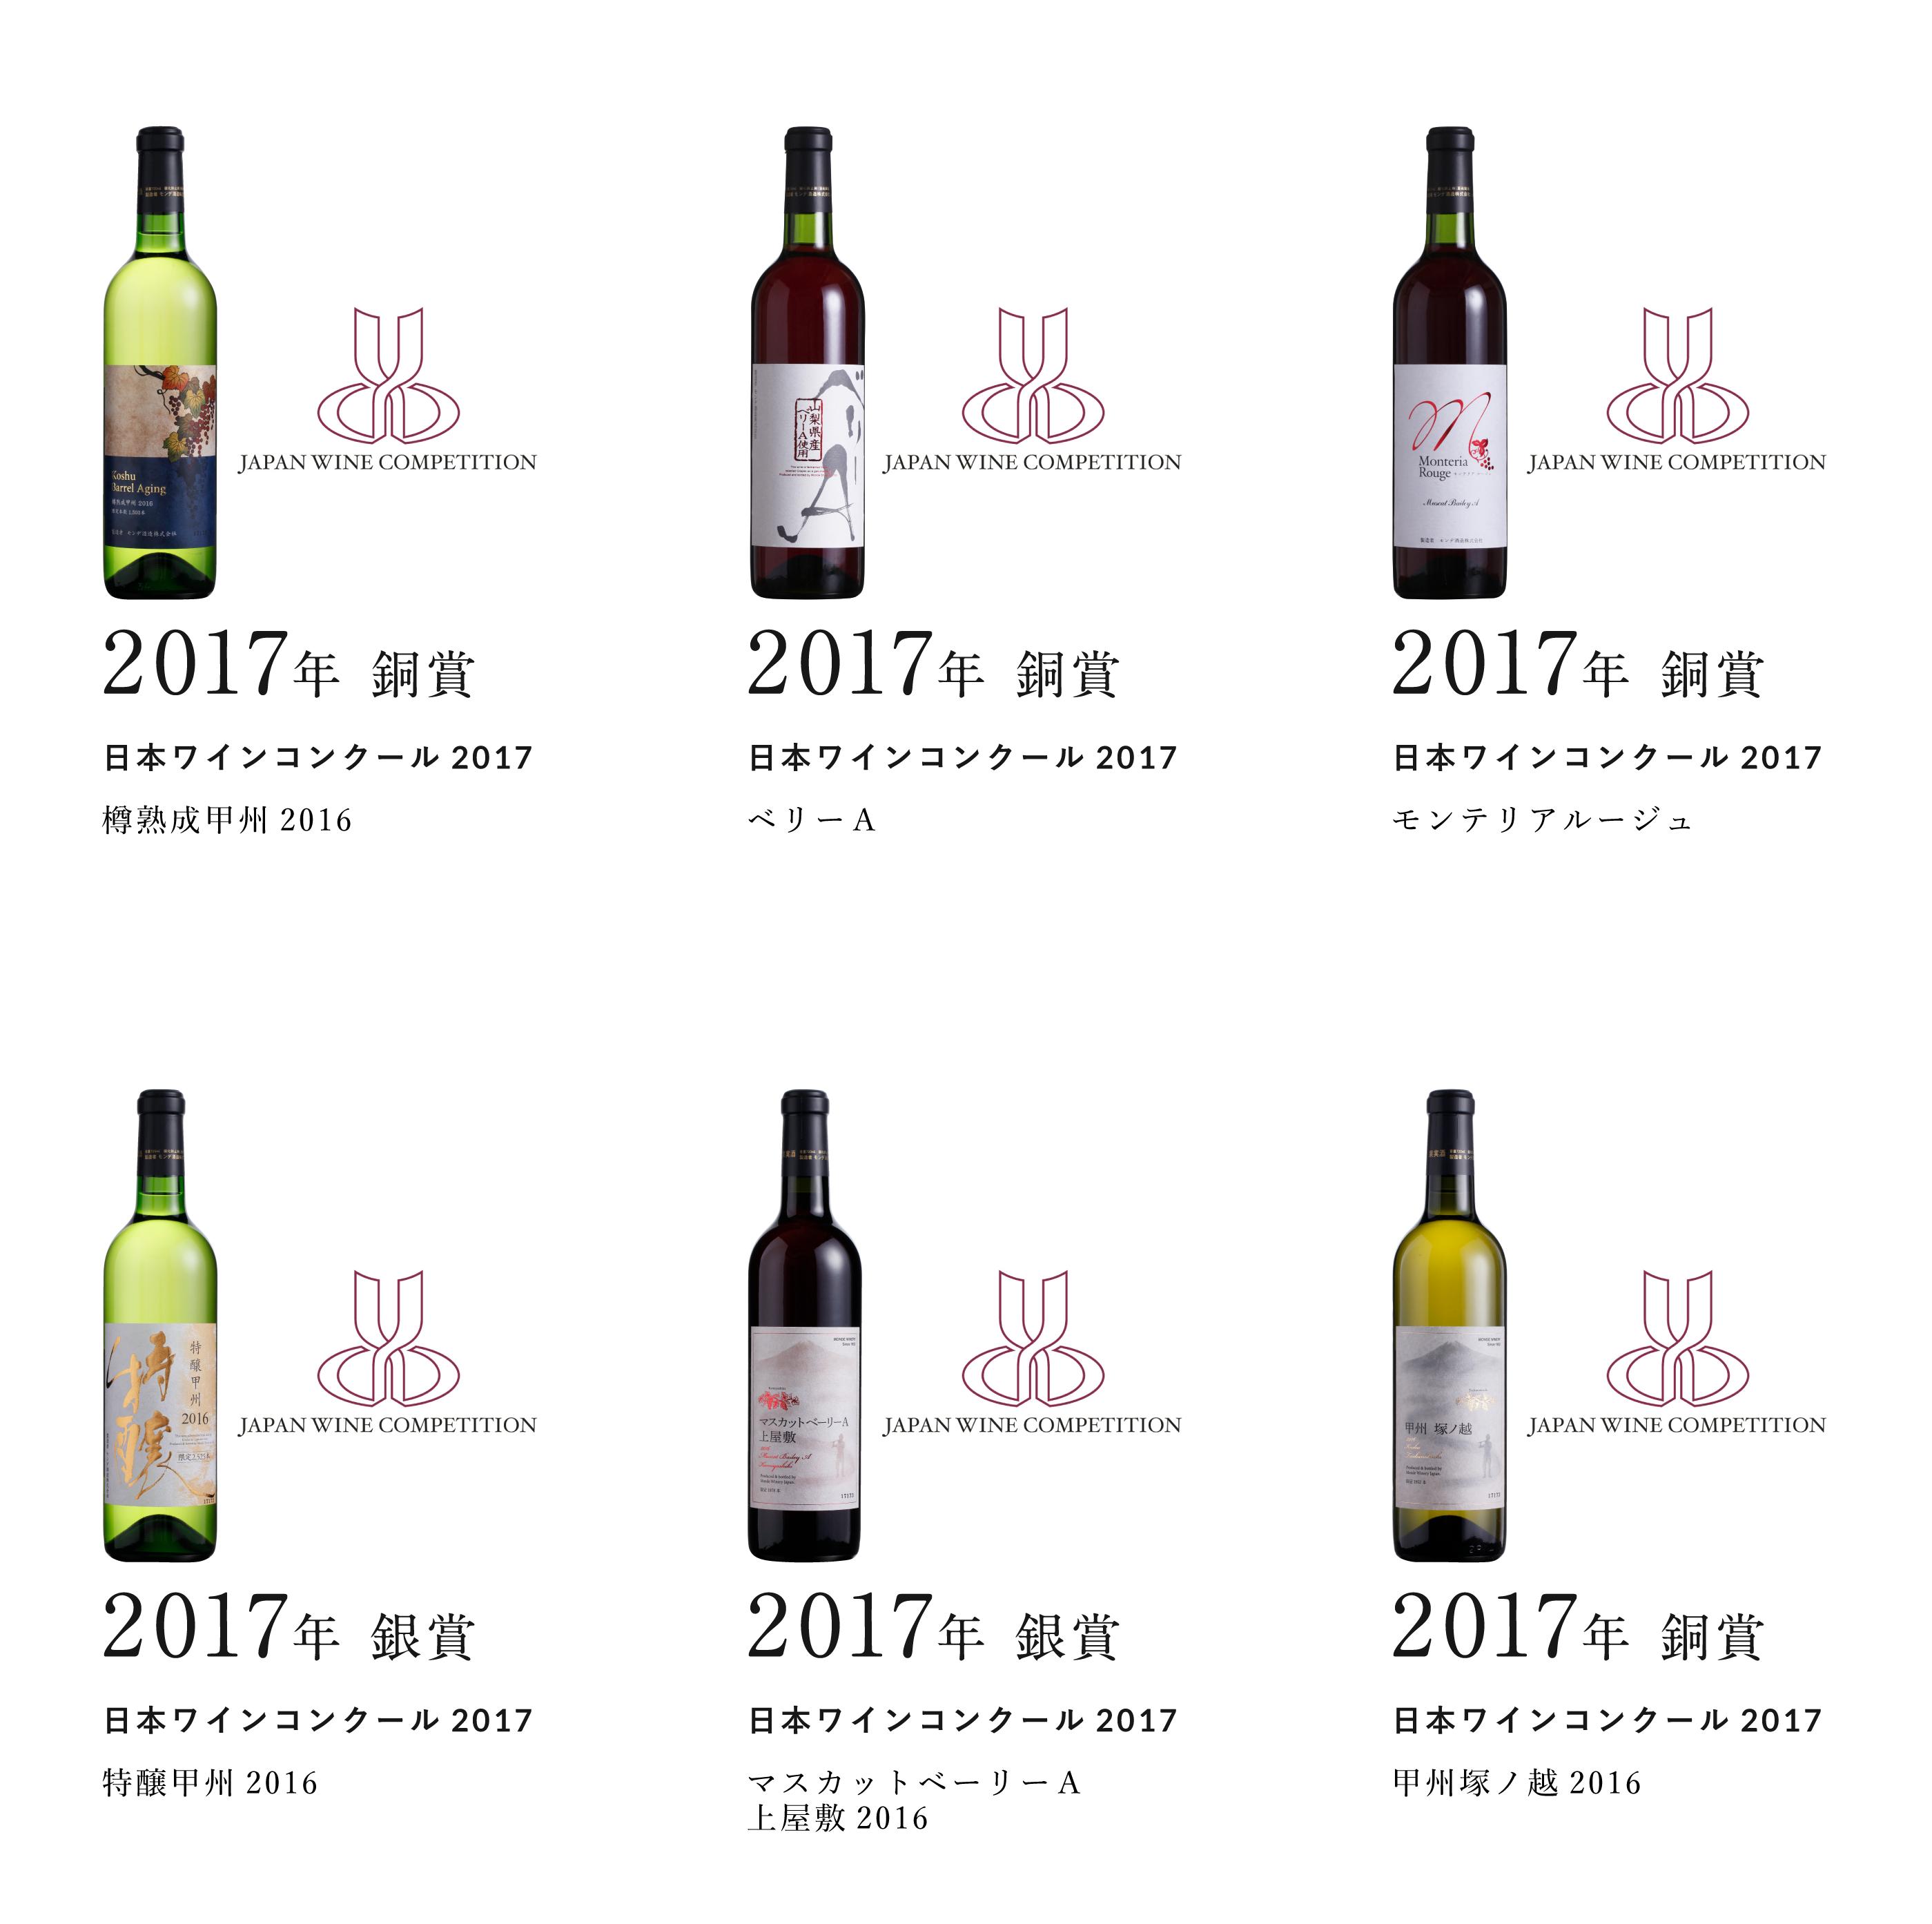 日本ワインコンクール2017 ~受賞ワイン~